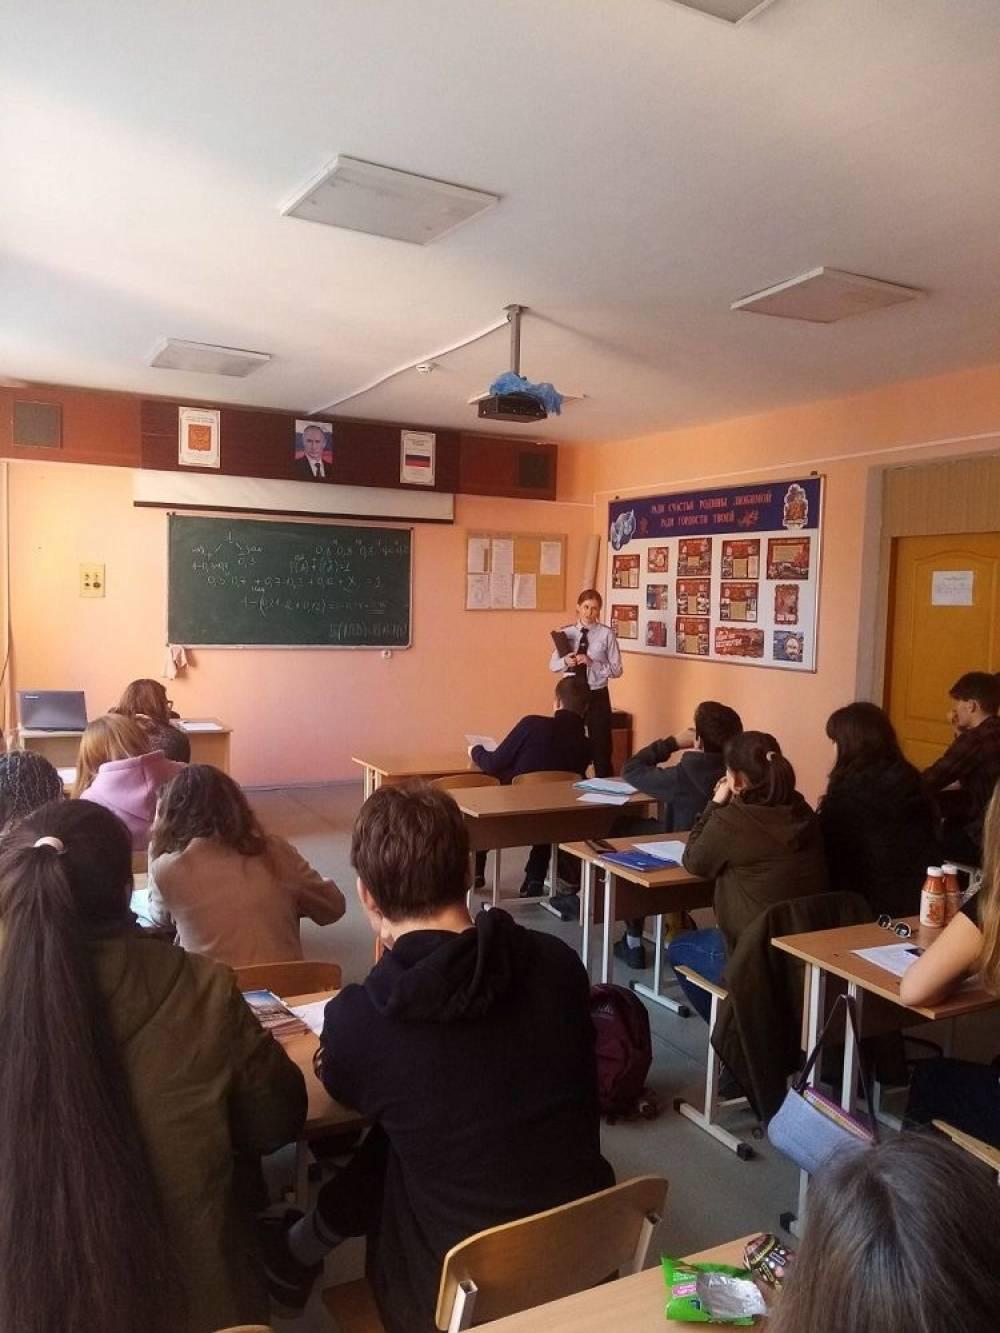 Инспектор по делам несовершеннолетних отдела МВД России по г. Феодосии посетила политехнический техникум и школу №17 с профилактическими беседами.